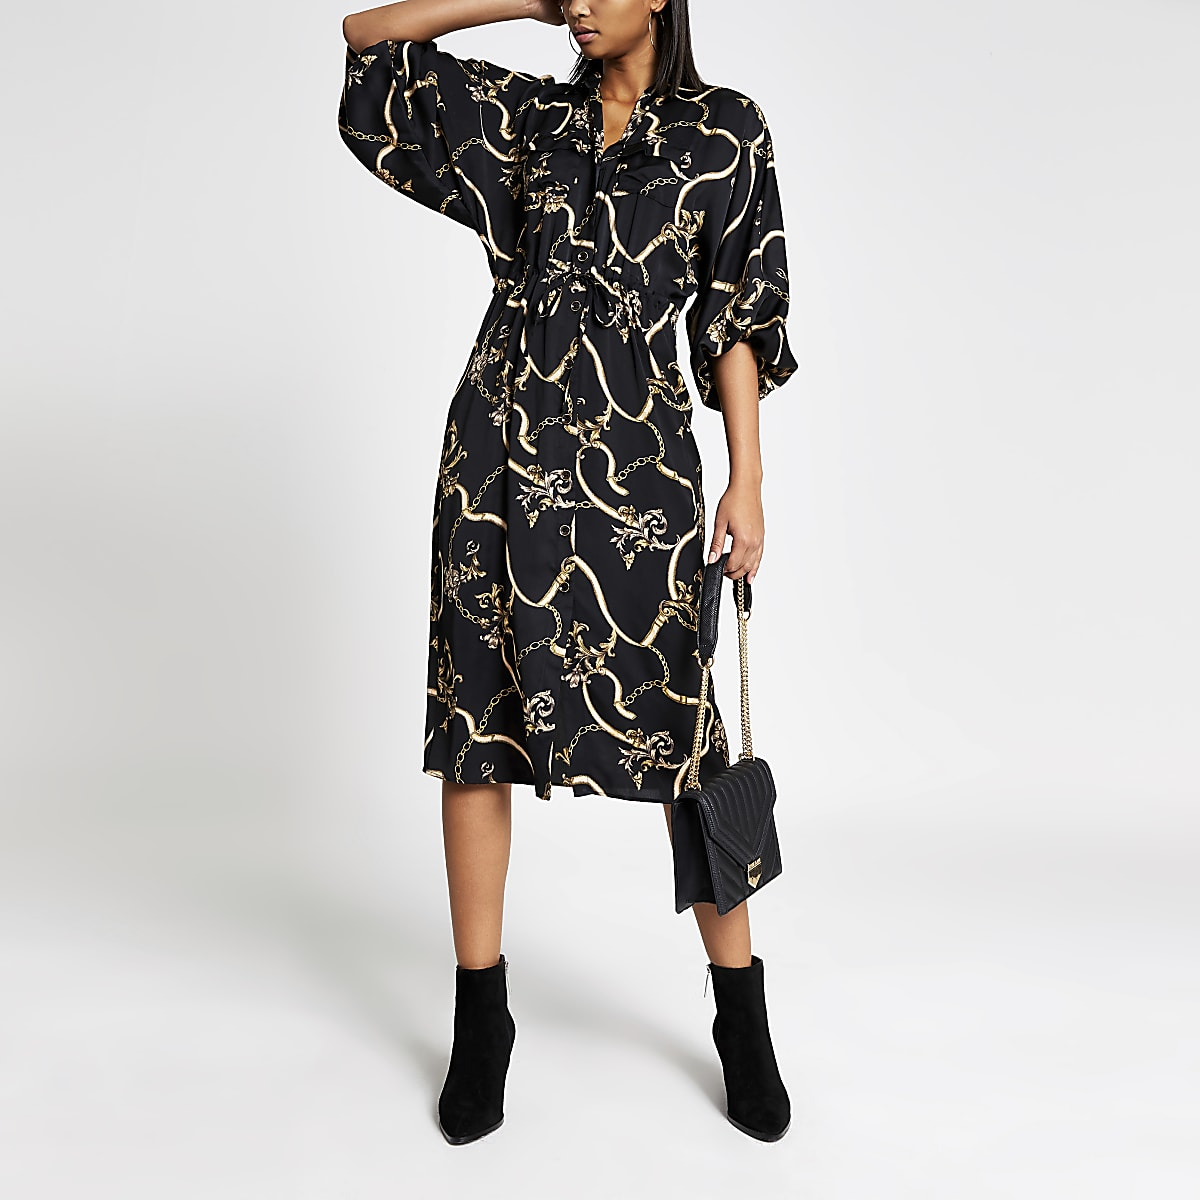 Zwarte overhemdjurk met print en lange mouwen